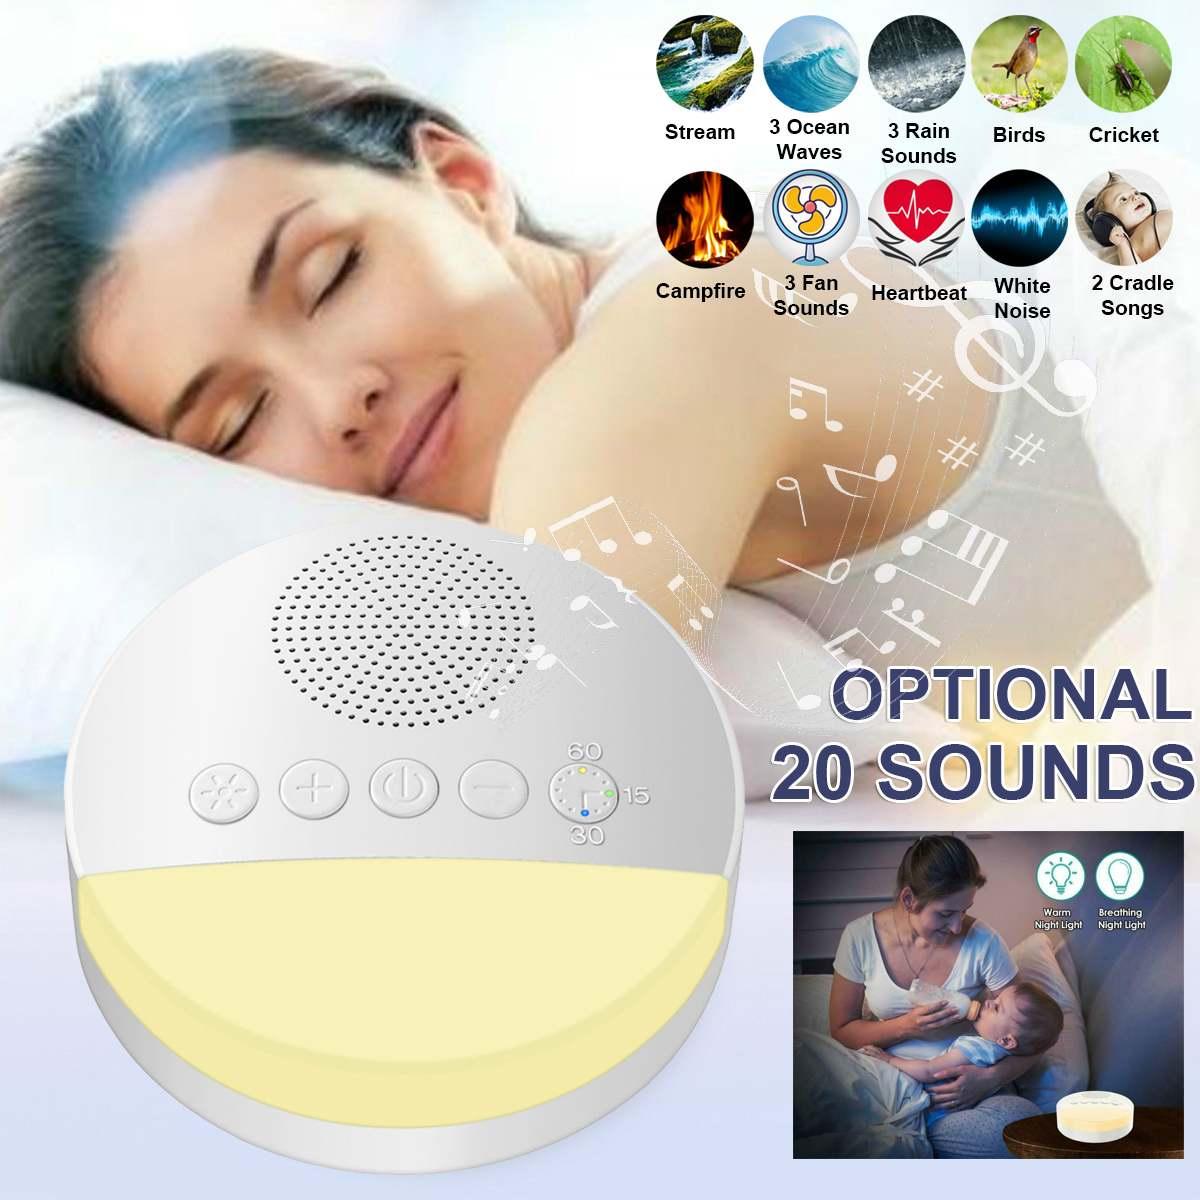 Máquina portátil de ruido blanco, dispositivo de terapia de ayuda para dormir con apagado temporizador recargable por USB para bebés y adultos, para dormir y relajarse